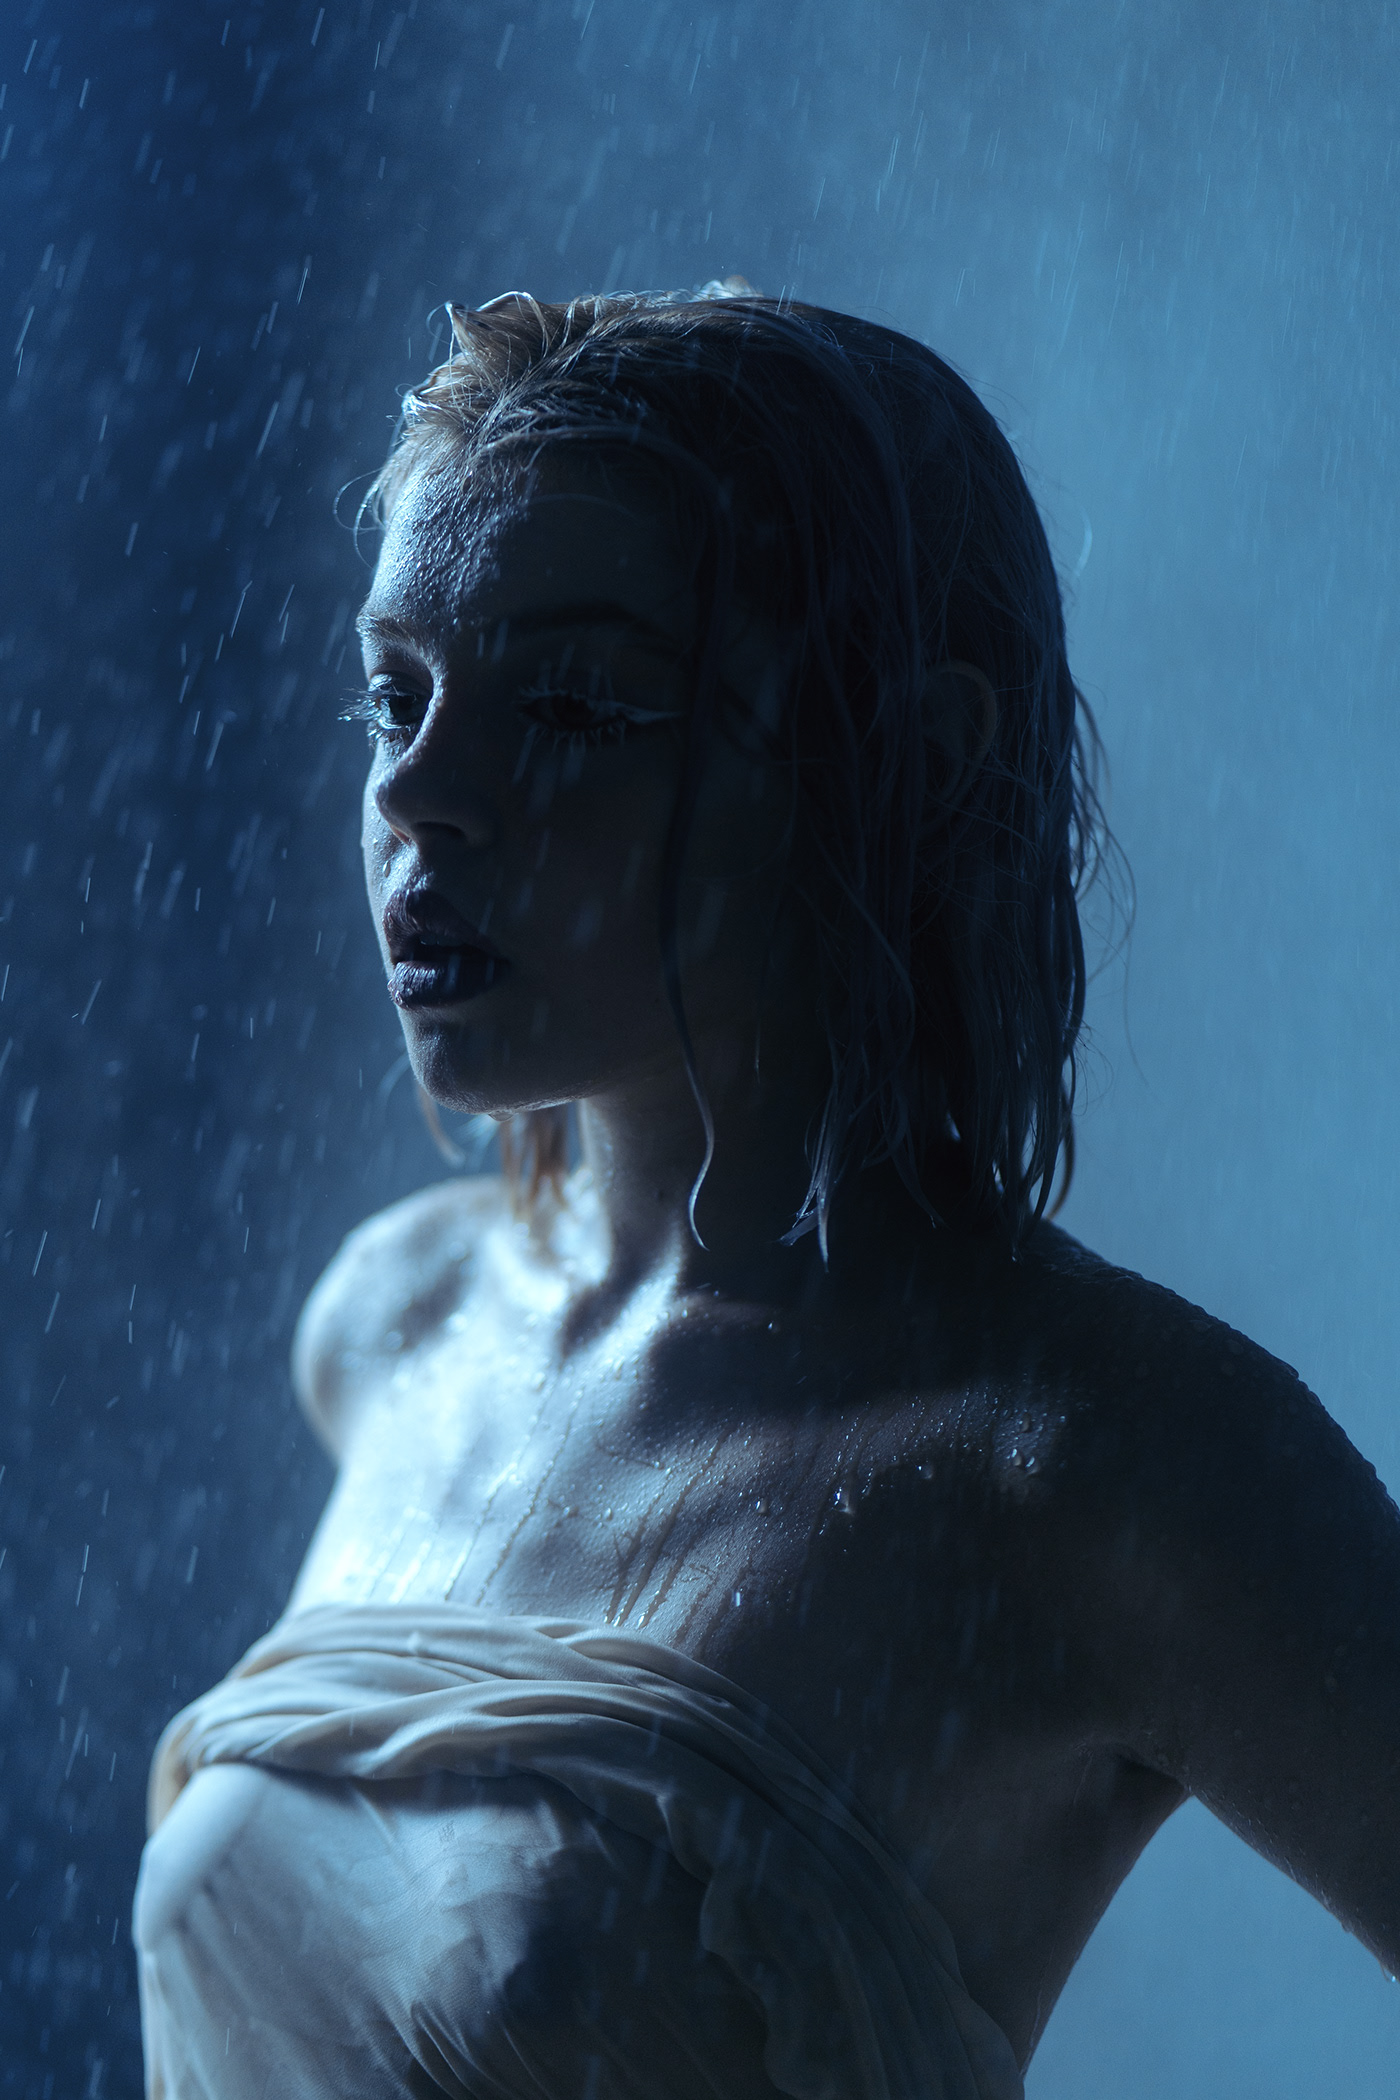 I feel the raindrops on my skin